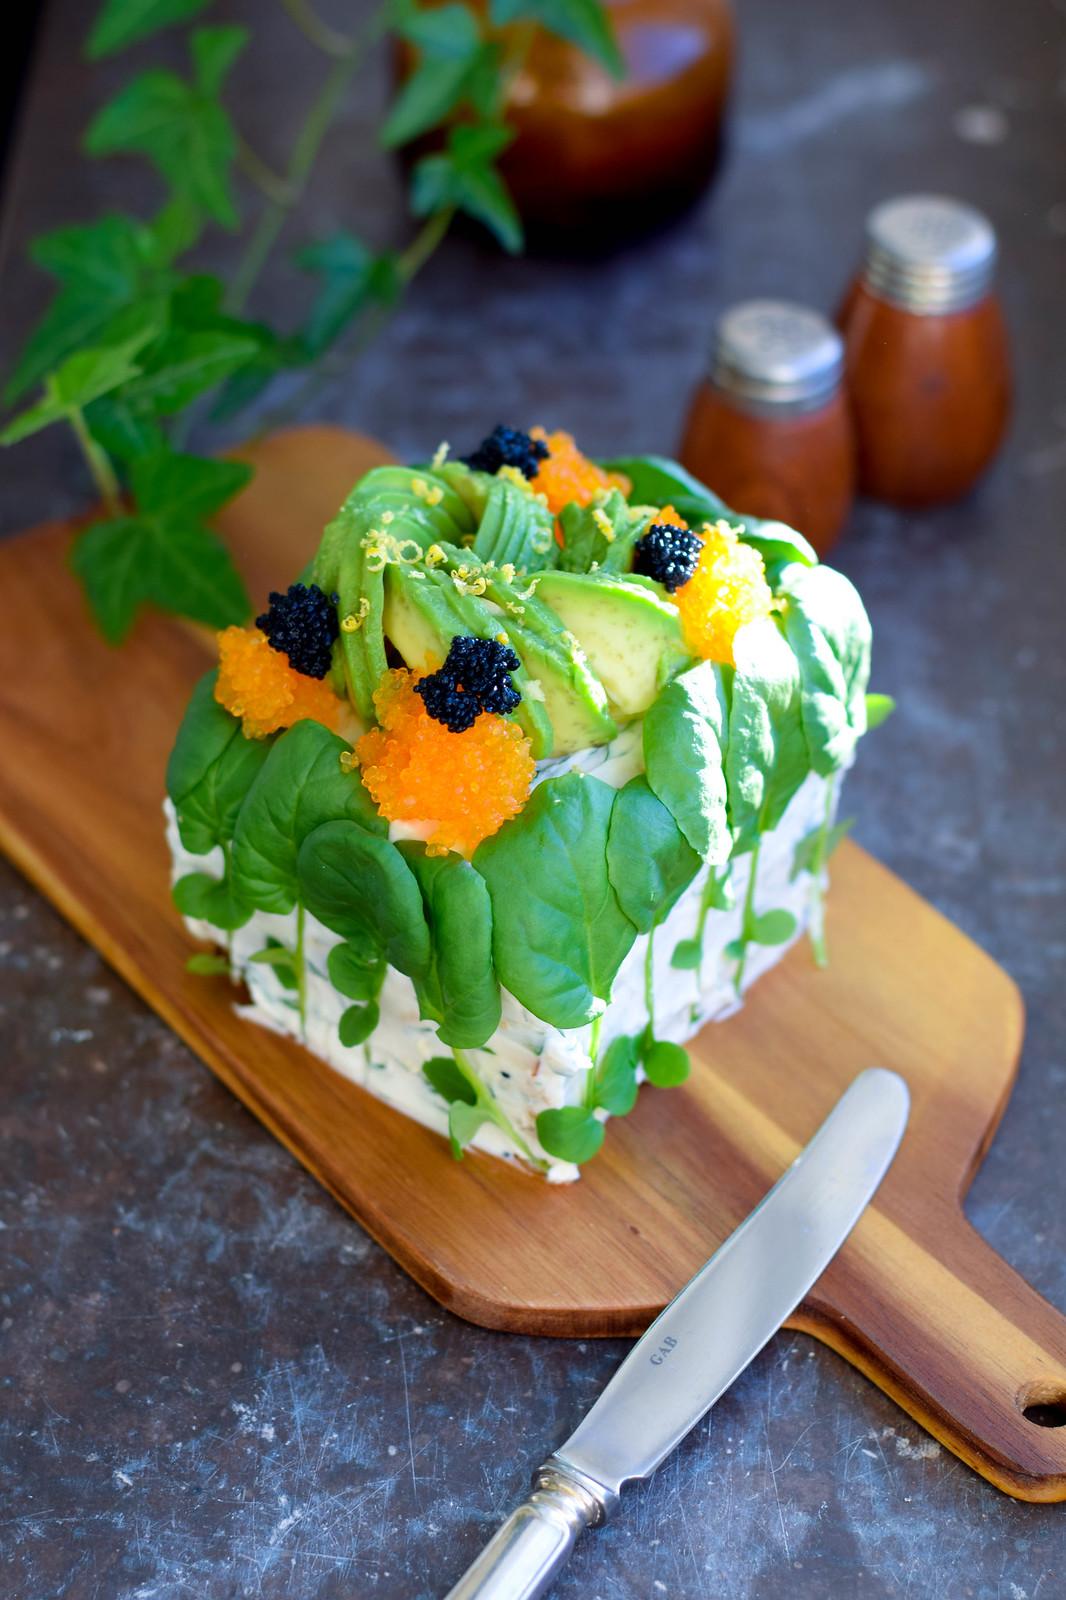 En bit vegansk smörgåstårta dekorerad med en avokadoros och tångrom står uppställd på en träskärbräda på en mörk marmorbakgrund